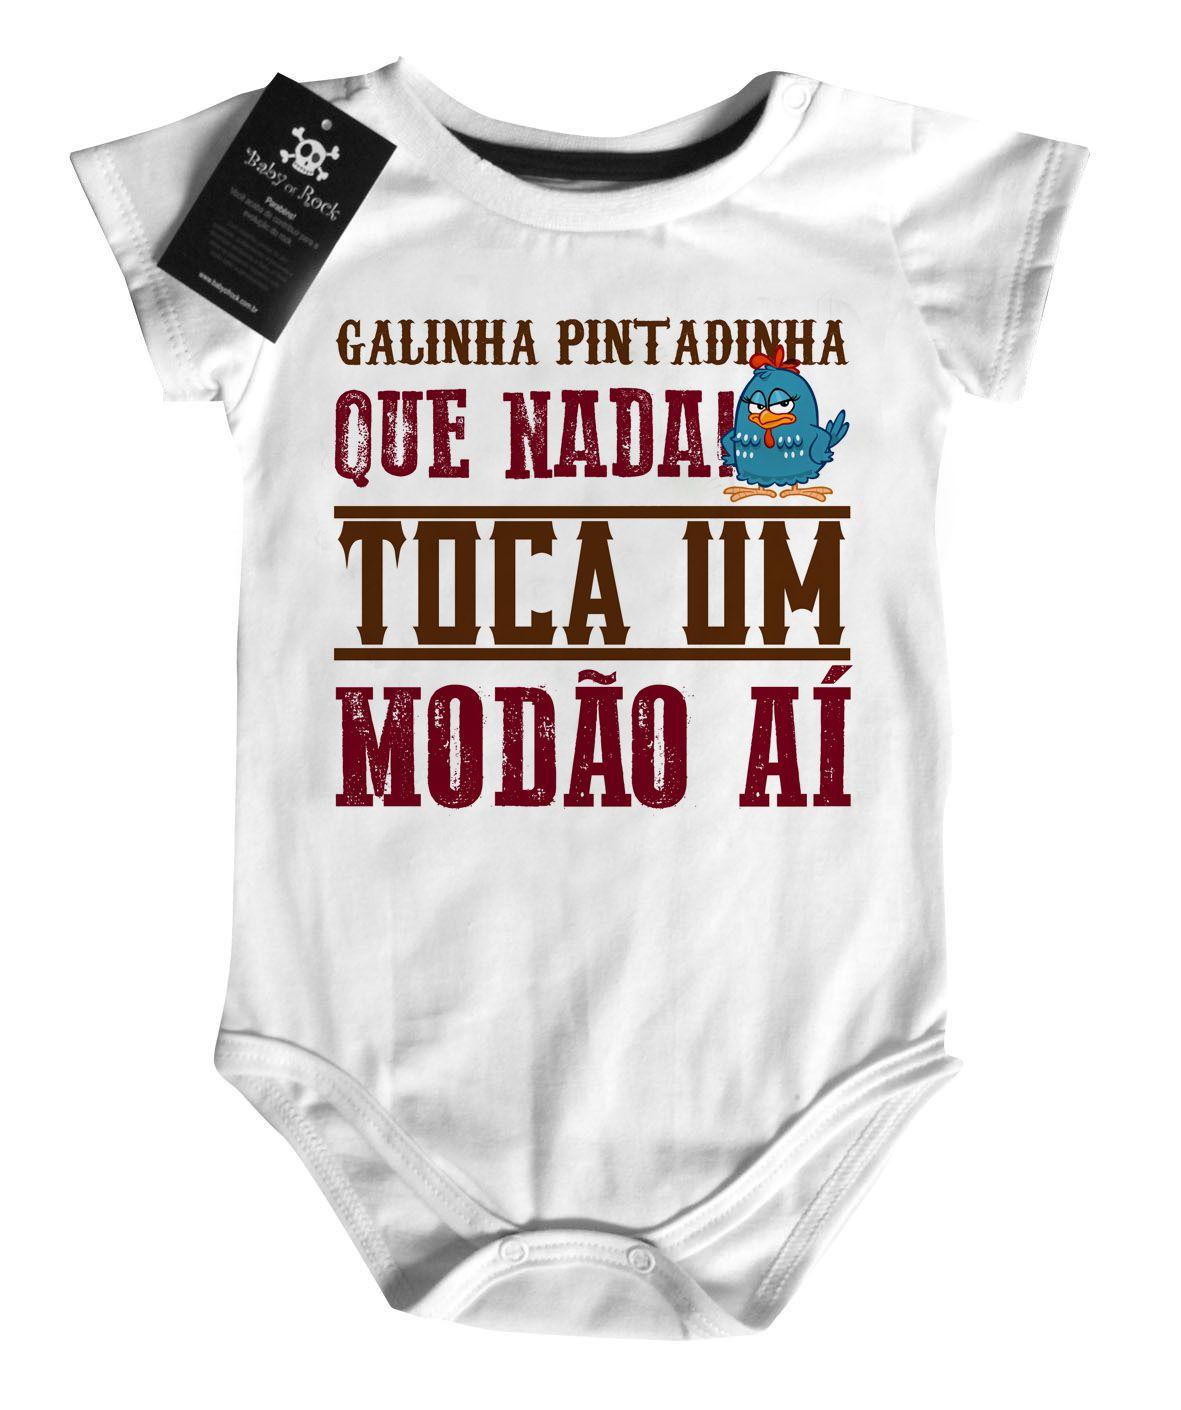 Body  Bebê Sertanejo  Pintadinha  - Baby Monster S/A